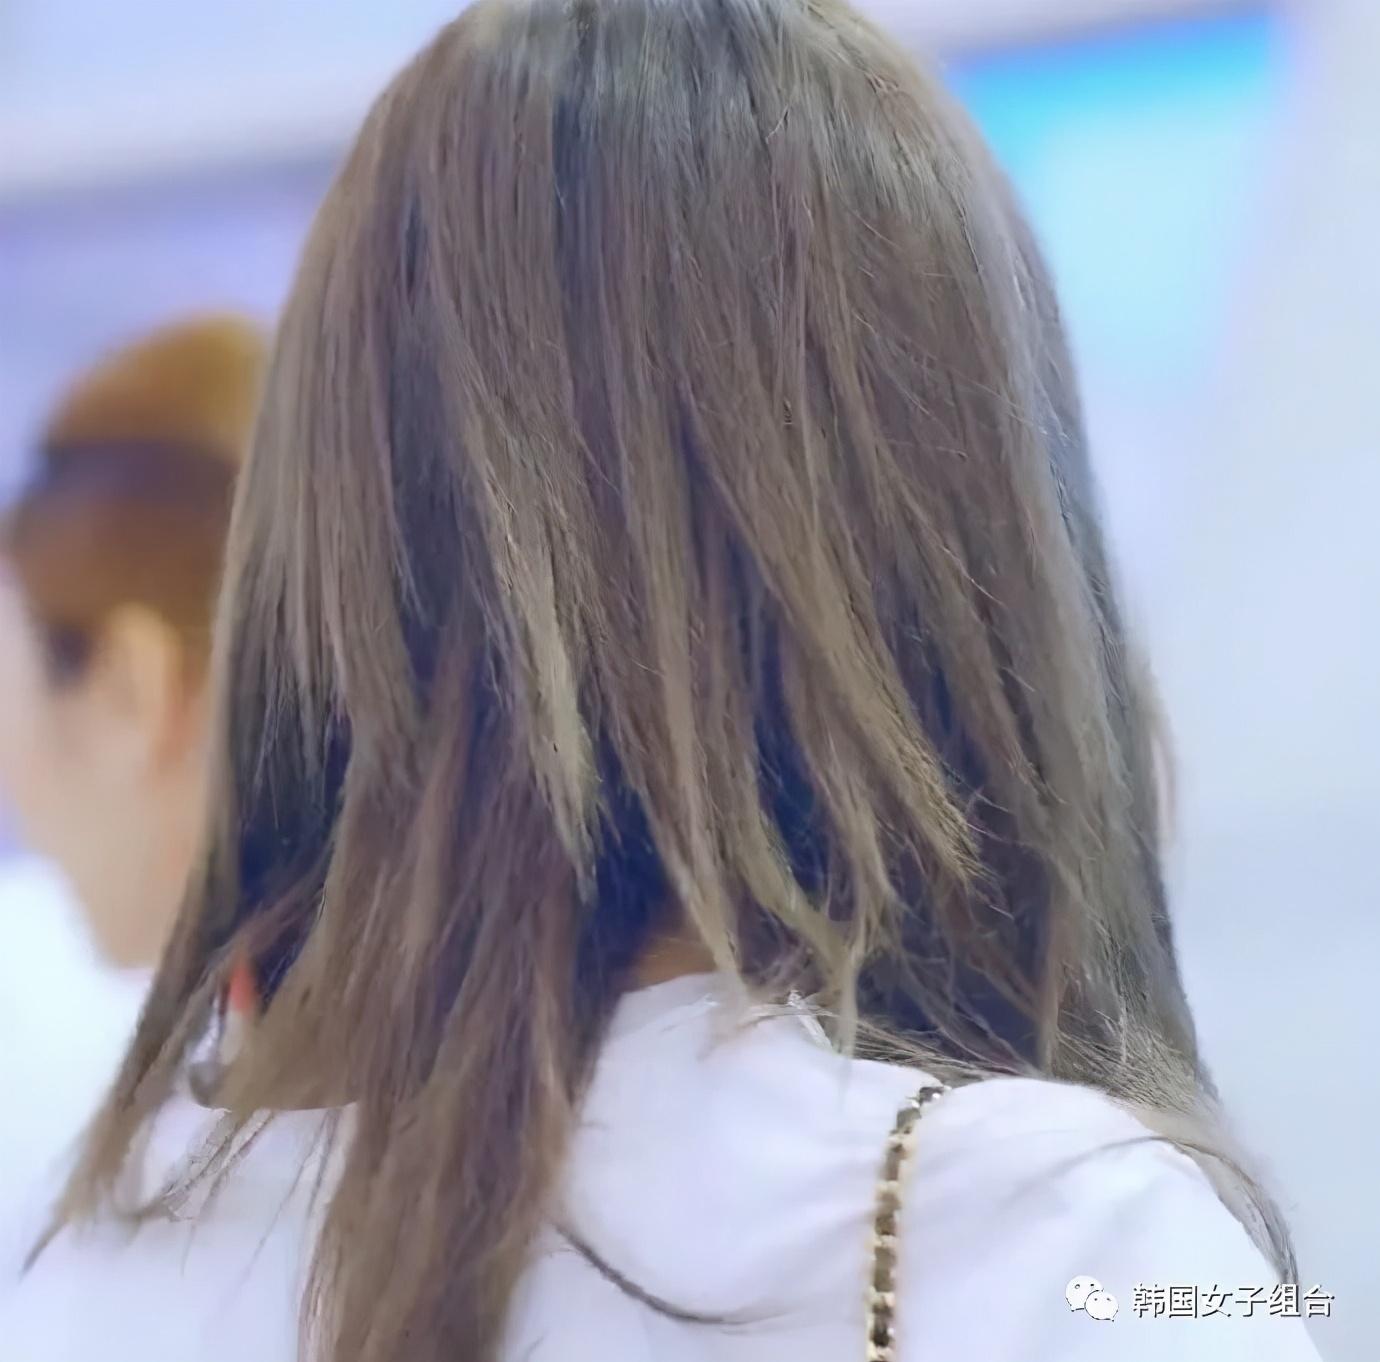 经常染发漂发,导致头发时常会断掉的女团爱豆们